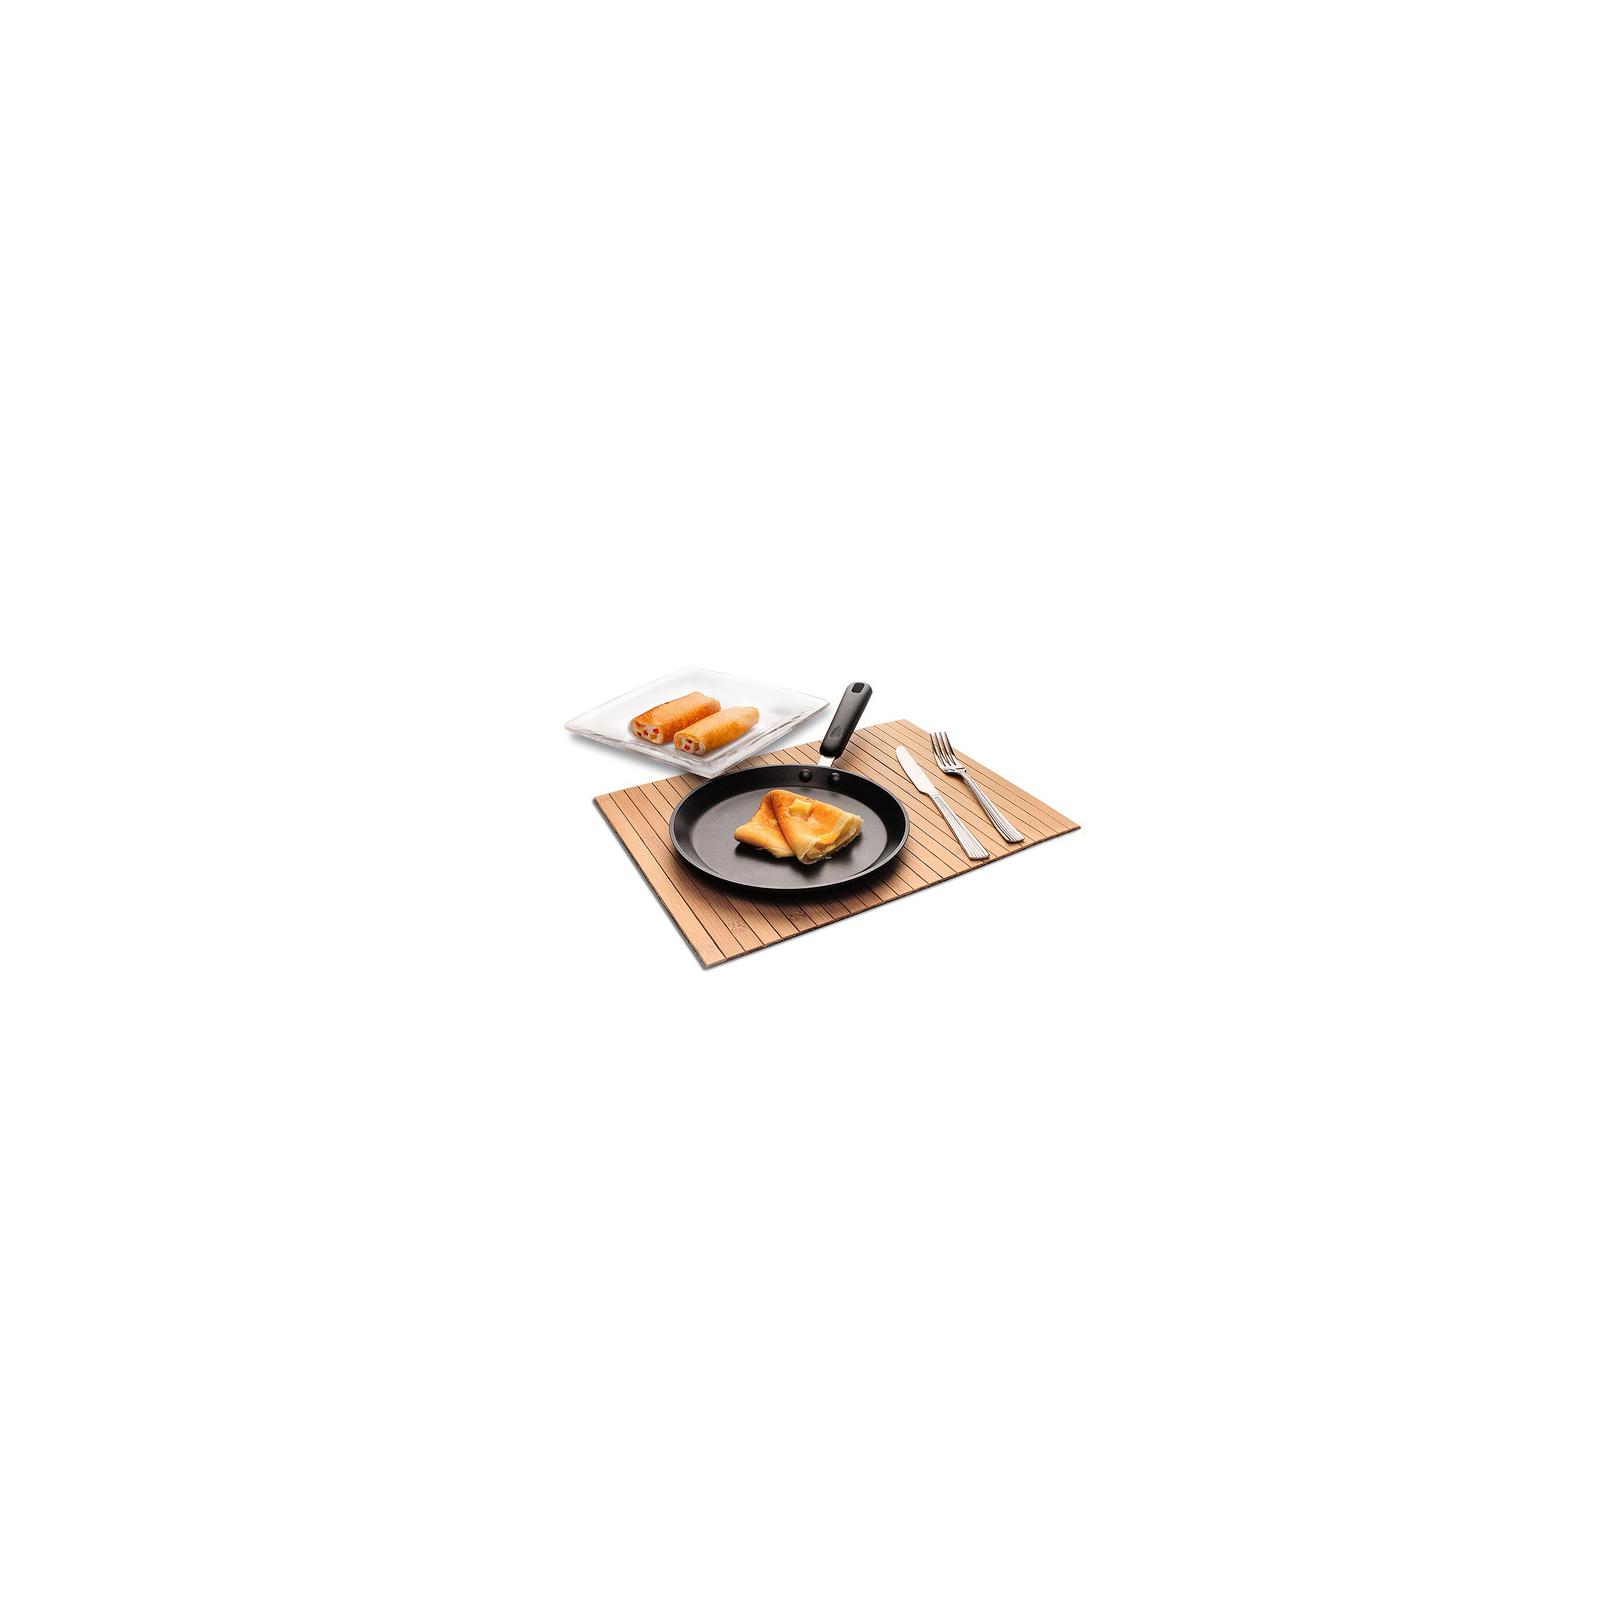 Сковорода Rondell Pancake frypan для блинов 26 см (RDA-128) изображение 2